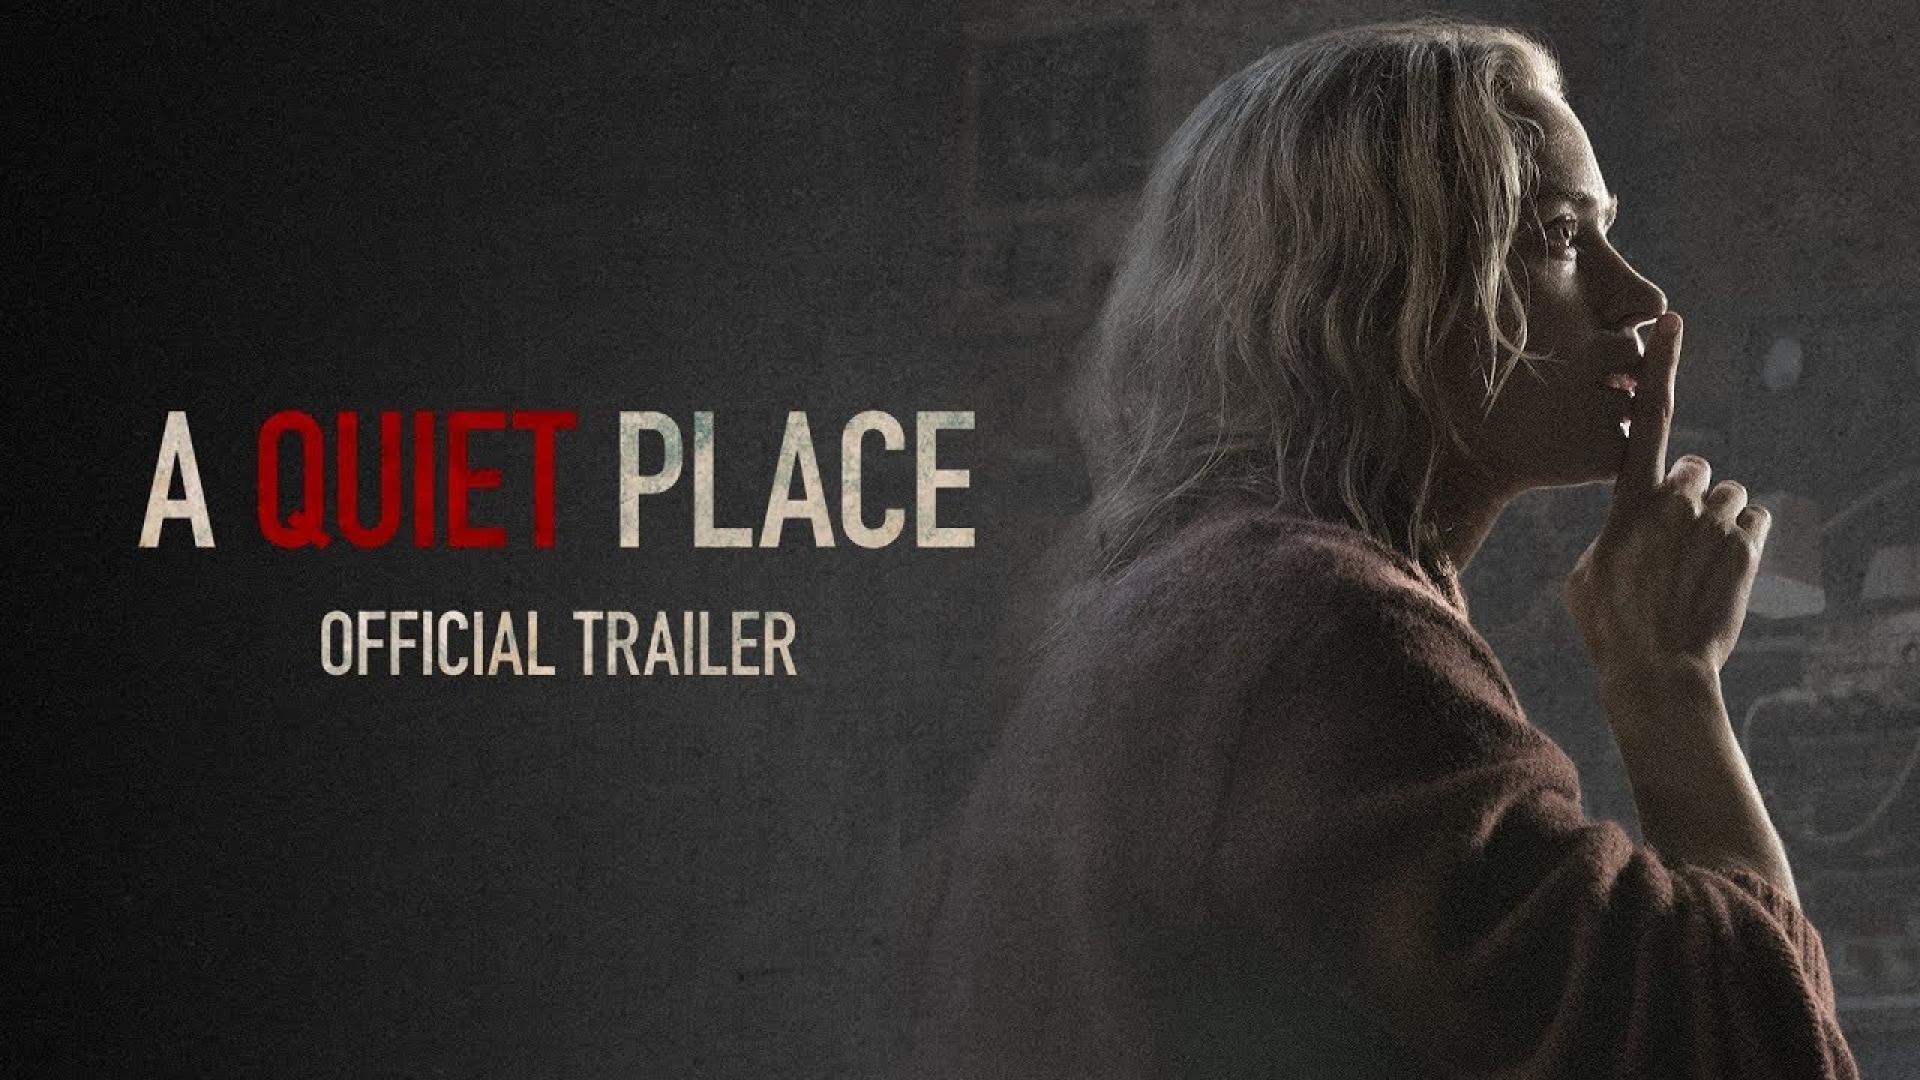 Megérkezett a Hang nélkül végső trailere